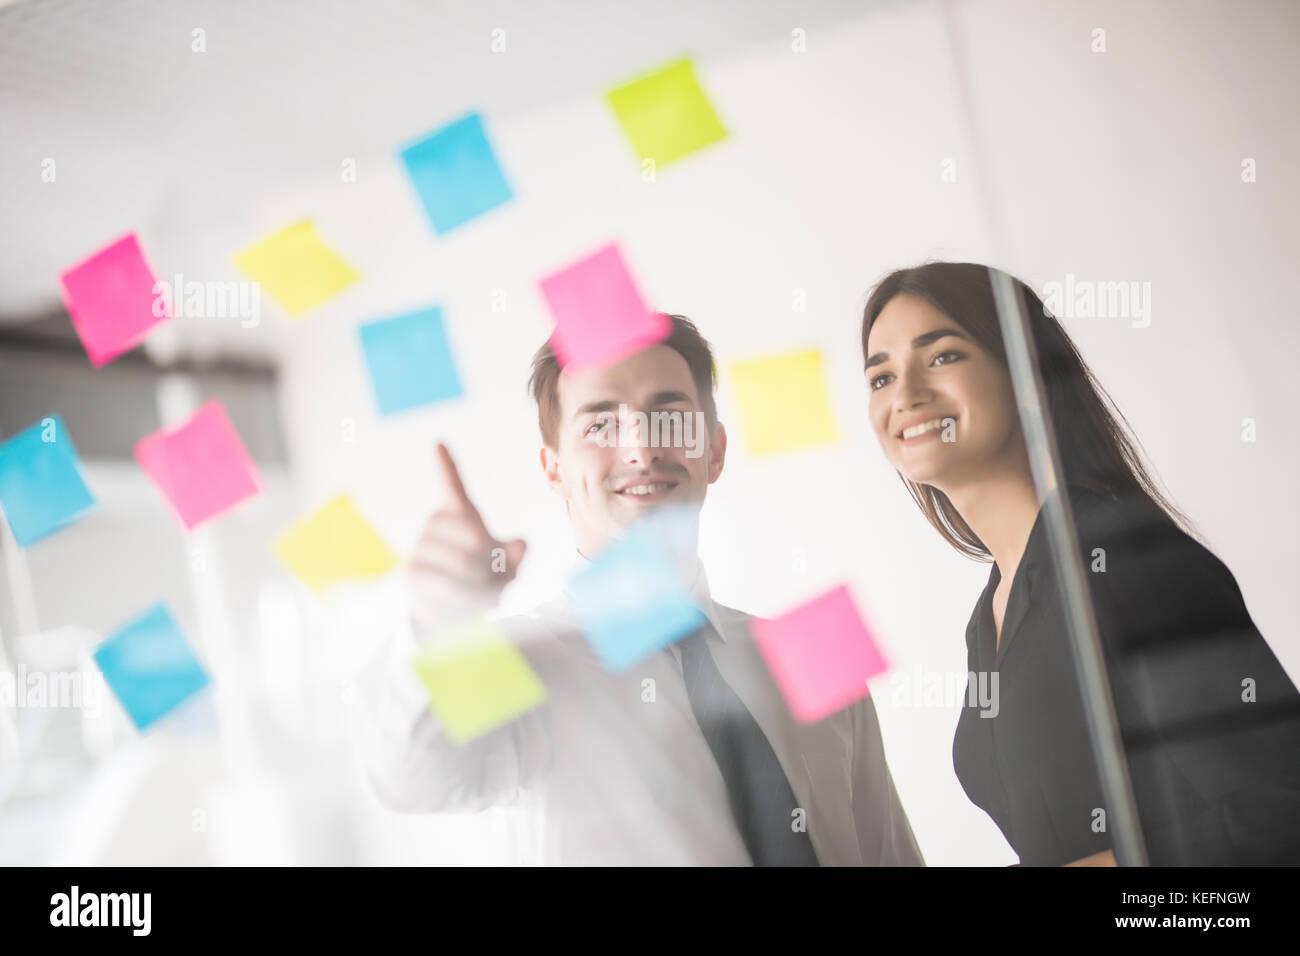 Gente de negocios inicio grupo de trabajo cotidiano en la oficina moderna. Tecnología, Empresa de tecnología, Imagen De Stock